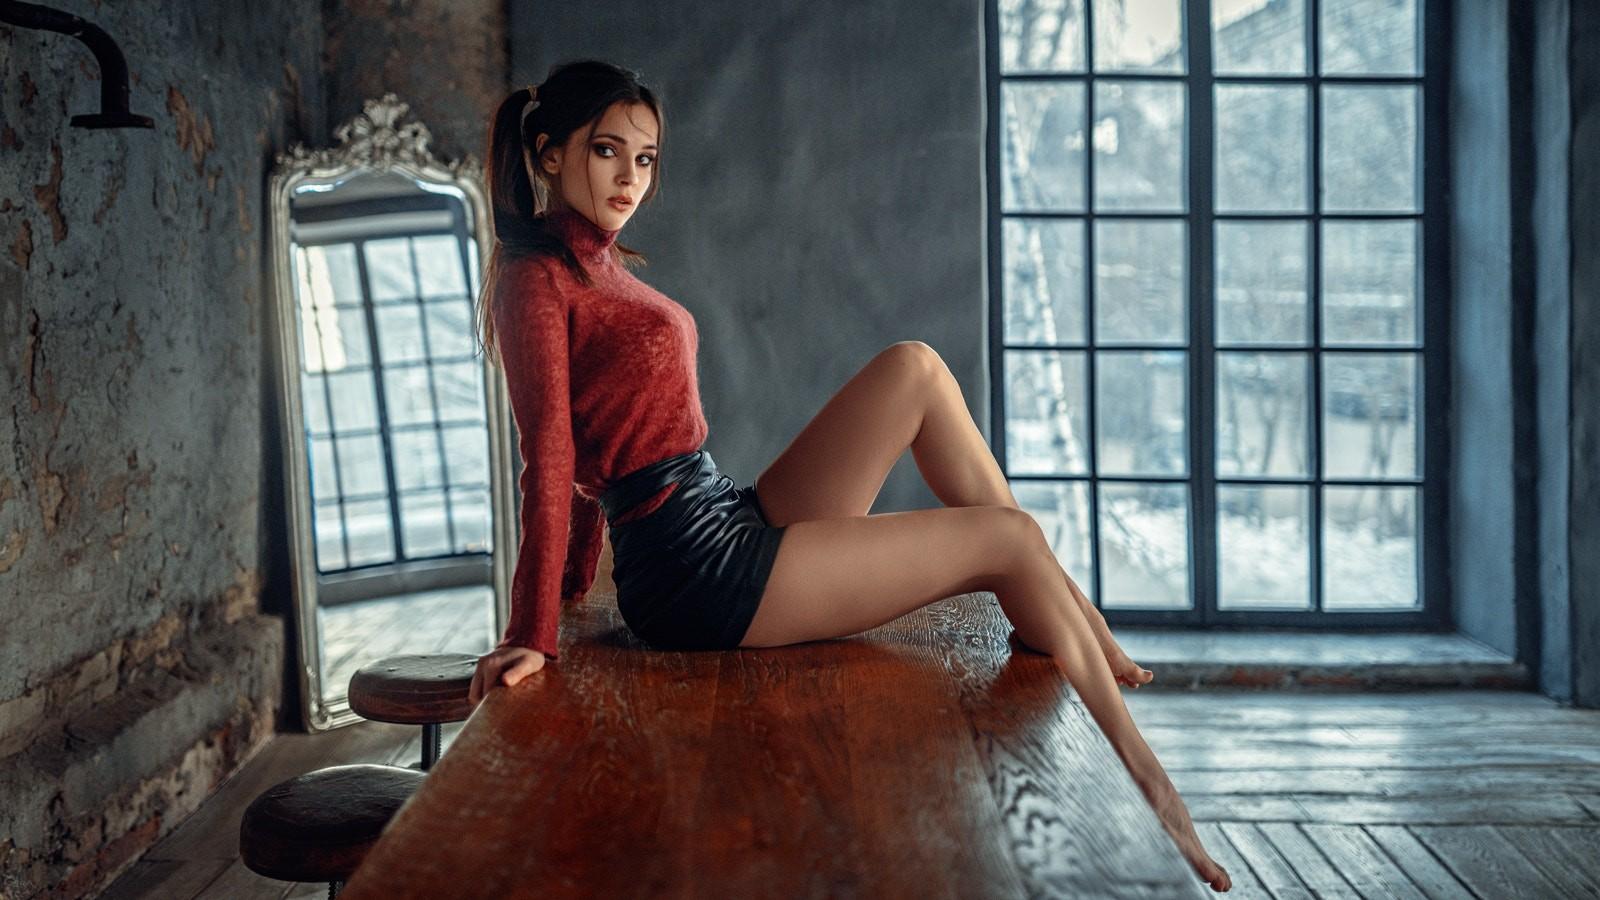 Georgy_Chernyadyev_women_model_looking_a